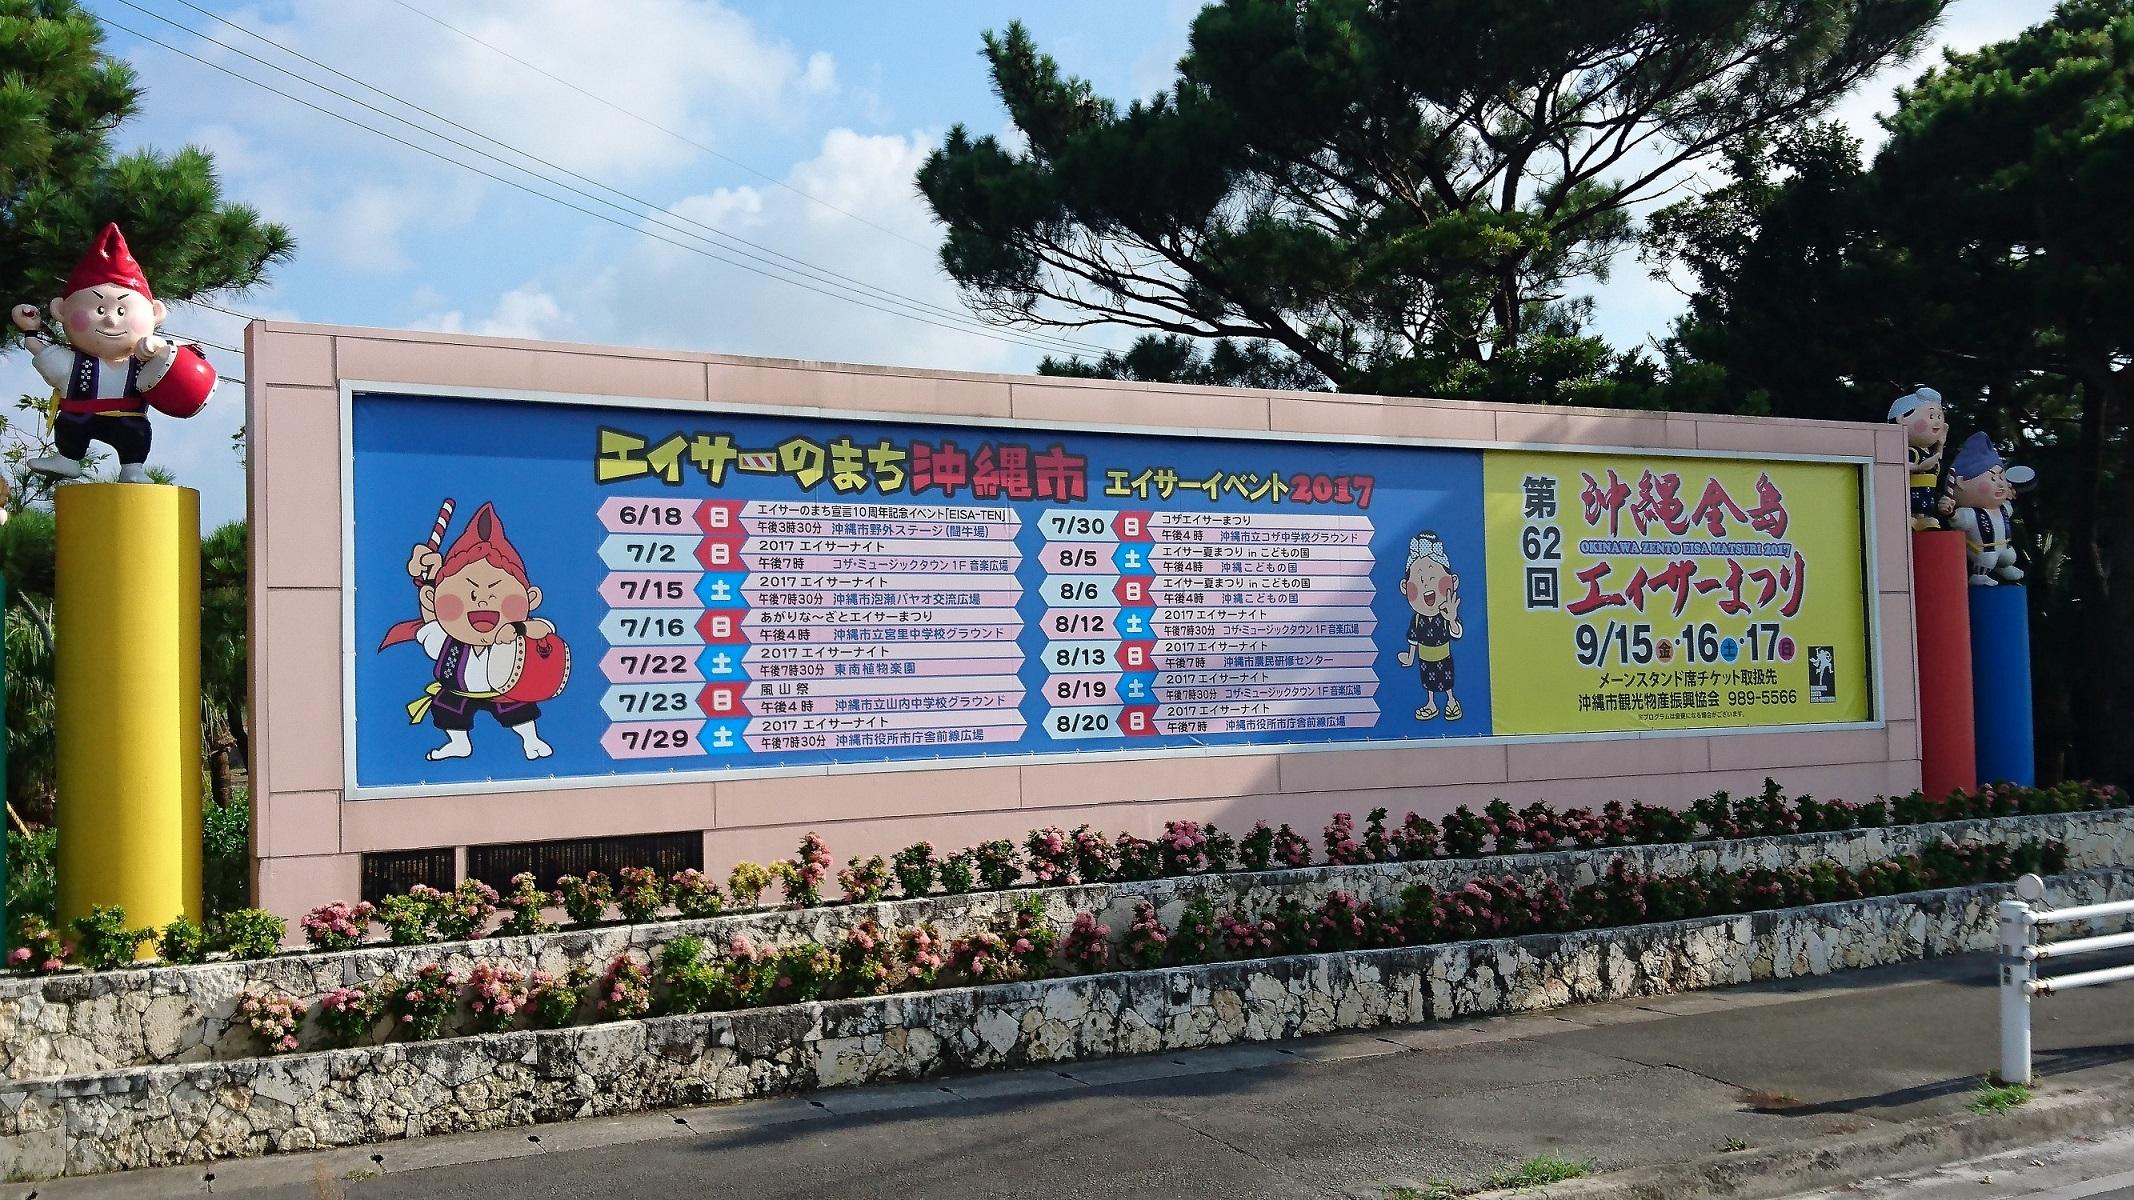 沖縄市のエイサー関連イベントの告知